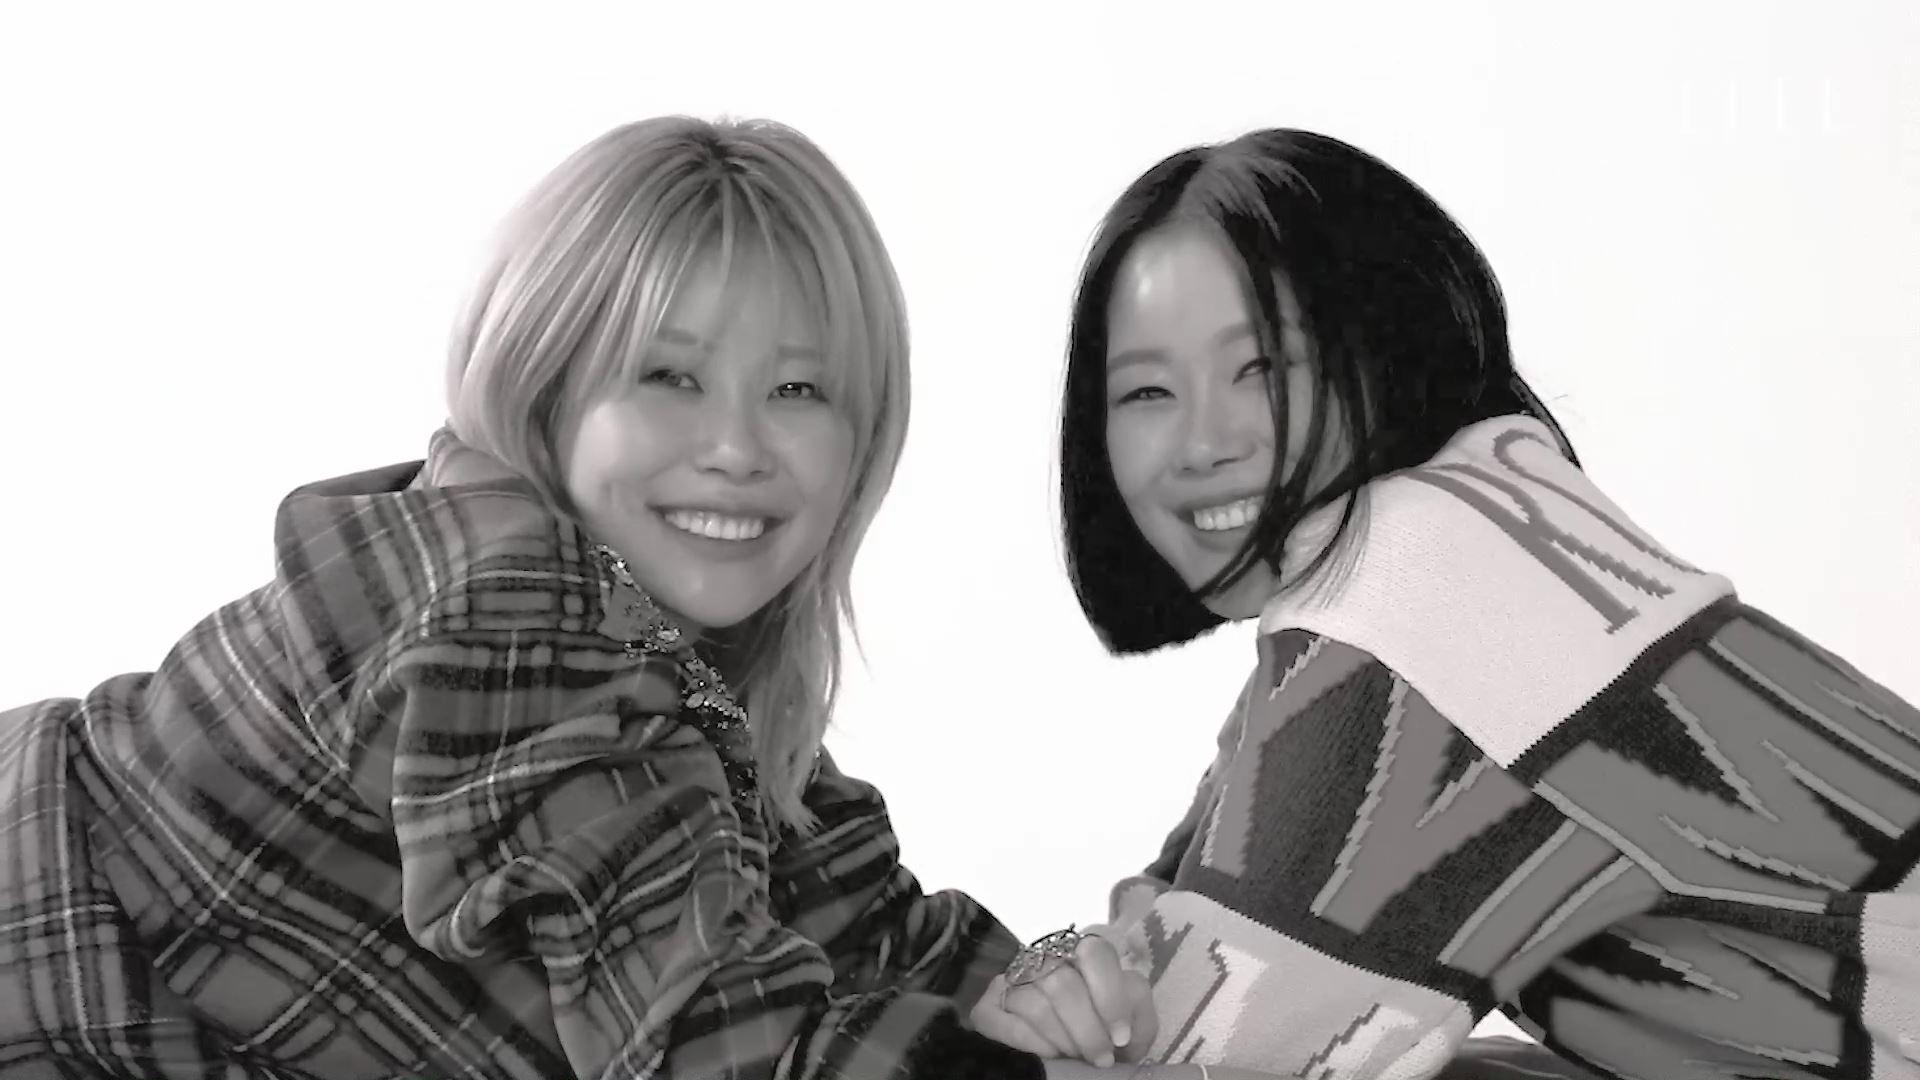 데칼코마니처럼 닮은 일란성쌍둥이 자매, 안아름과 안다움. 나이가 들며 달라진 것은 숫자뿐. 철없는 유년기의 쌍둥이 모습 그대로 쭉 함께할 거라는 그녀들을 만나보세요.